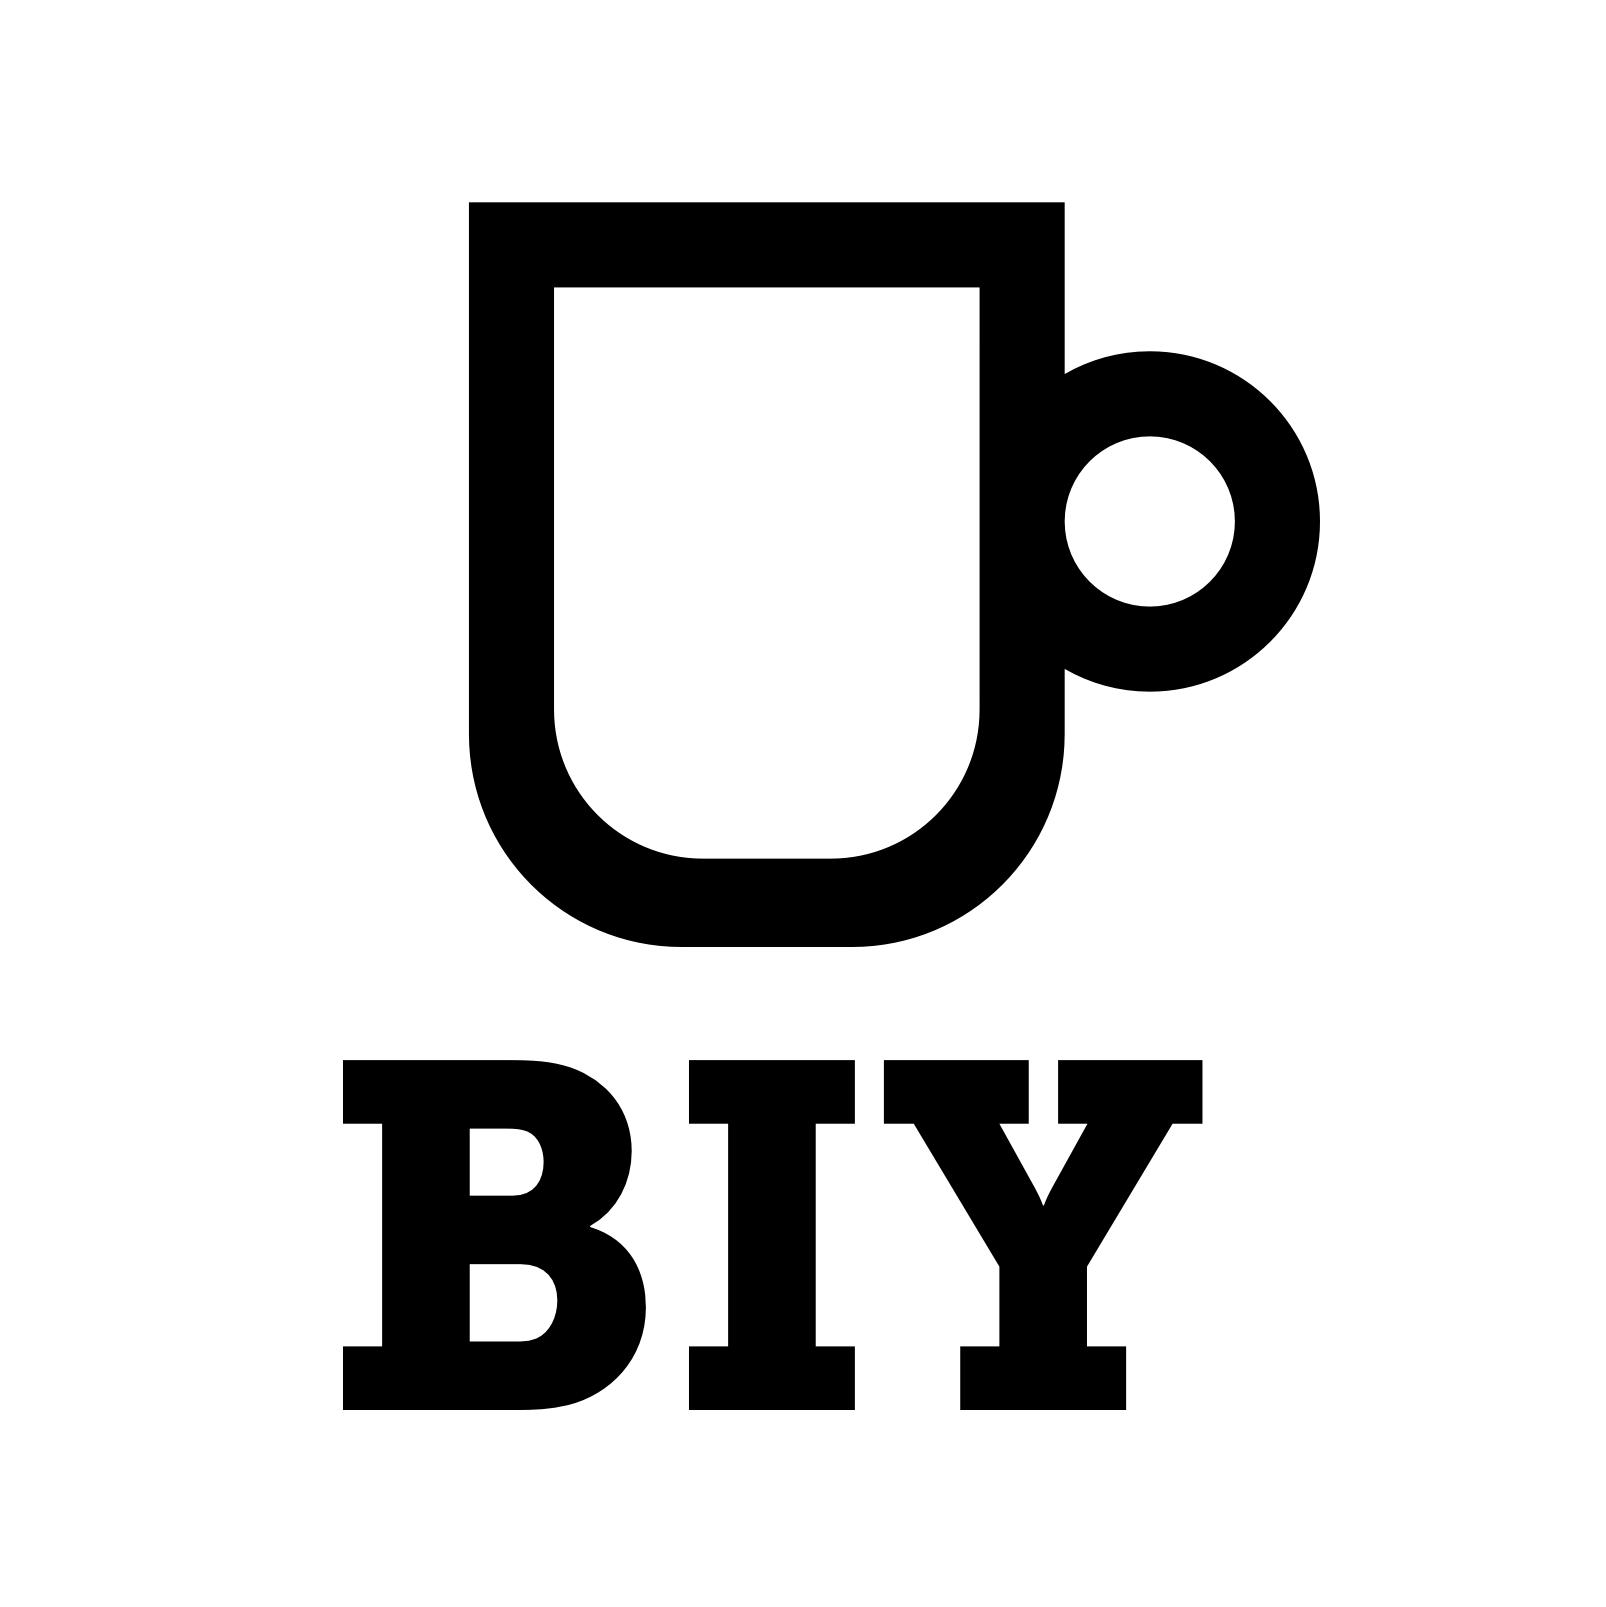 logo-new copy copy.png